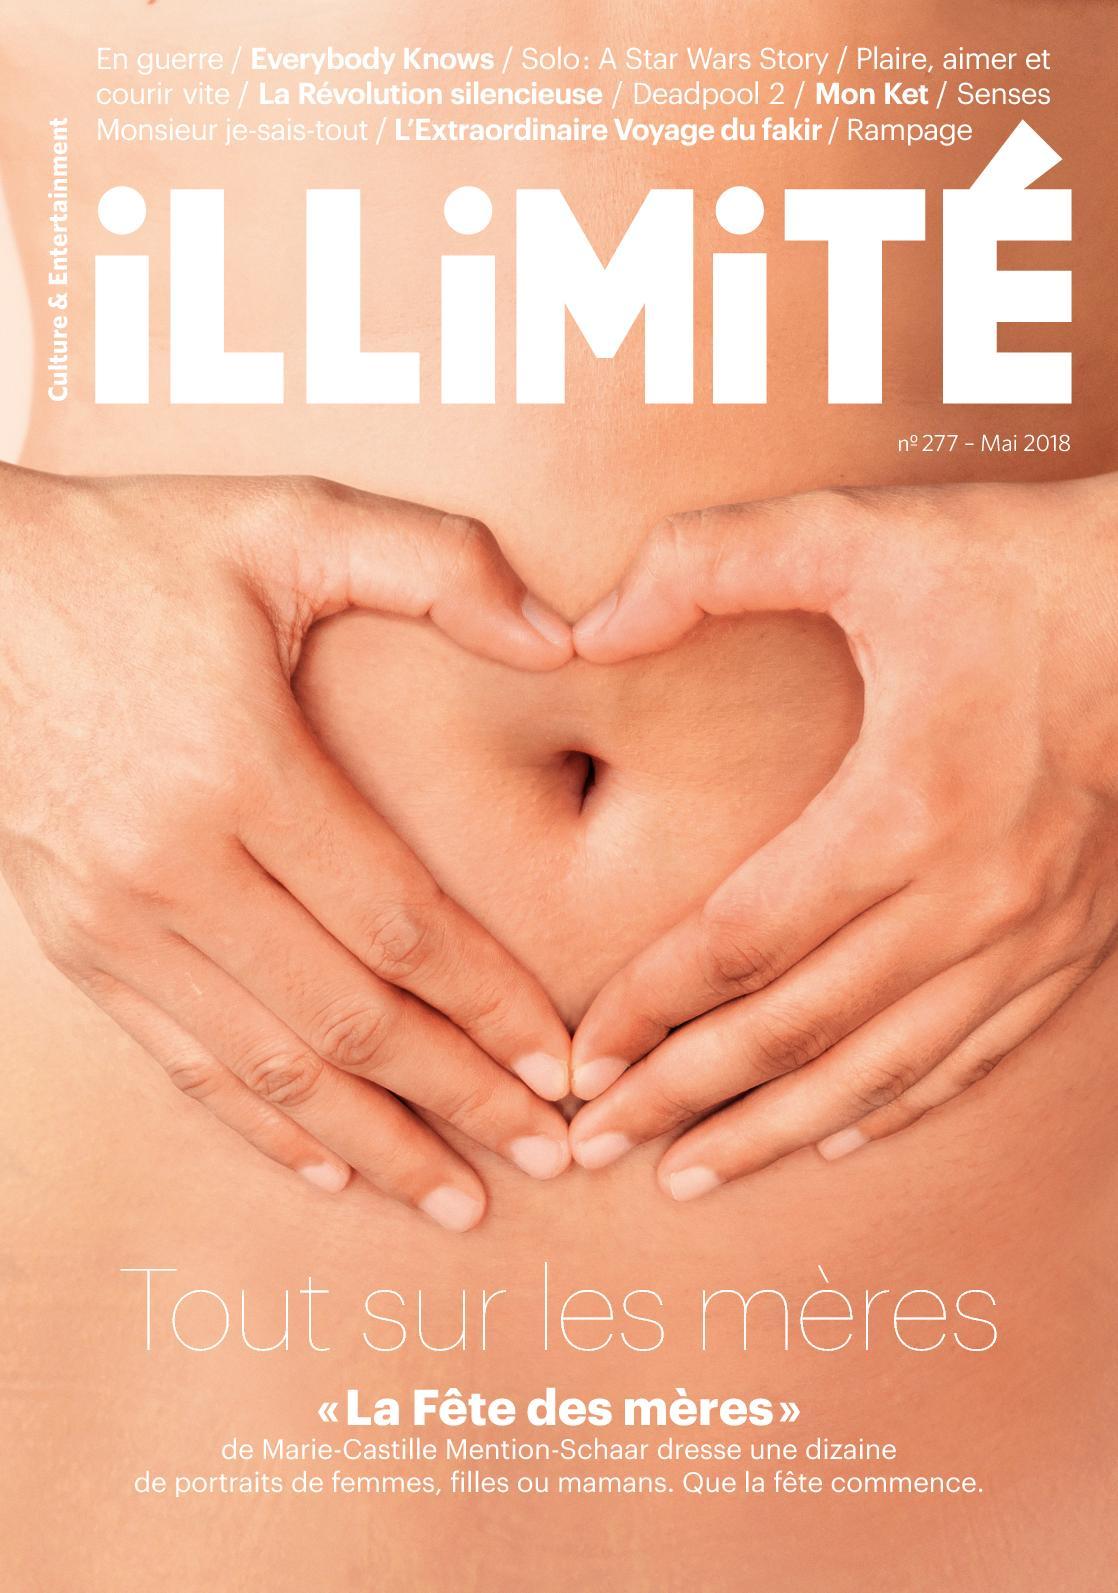 e21a467b1537 Calaméo - Magazine Illimité Numéro De Mai 2018